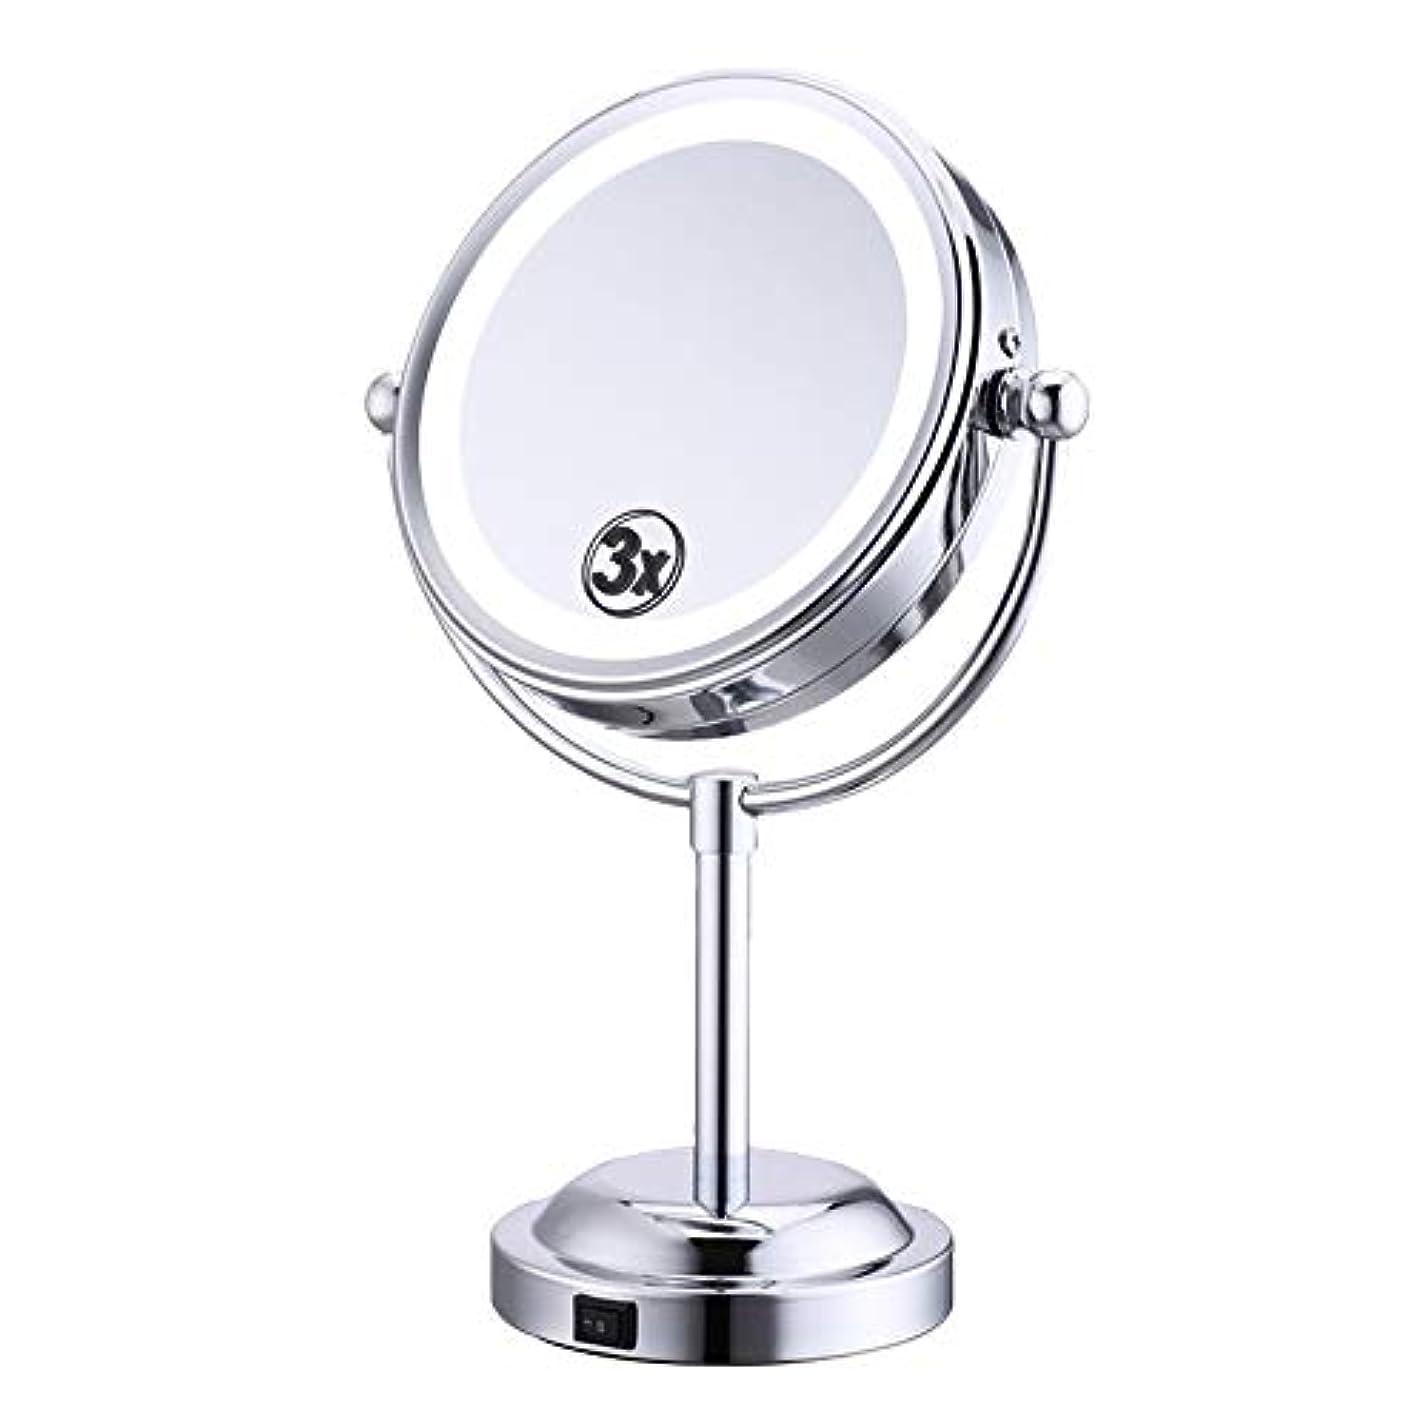 絶望的なにぎやか適応的化粧鏡 3倍 拡大鏡 LED ライト付き 拡大+等倍 両面鏡 スタンドミラー 卓上 メイクミラー 360度回転 卓上ミラー 浴室鏡 女優ミラー 真実の鏡